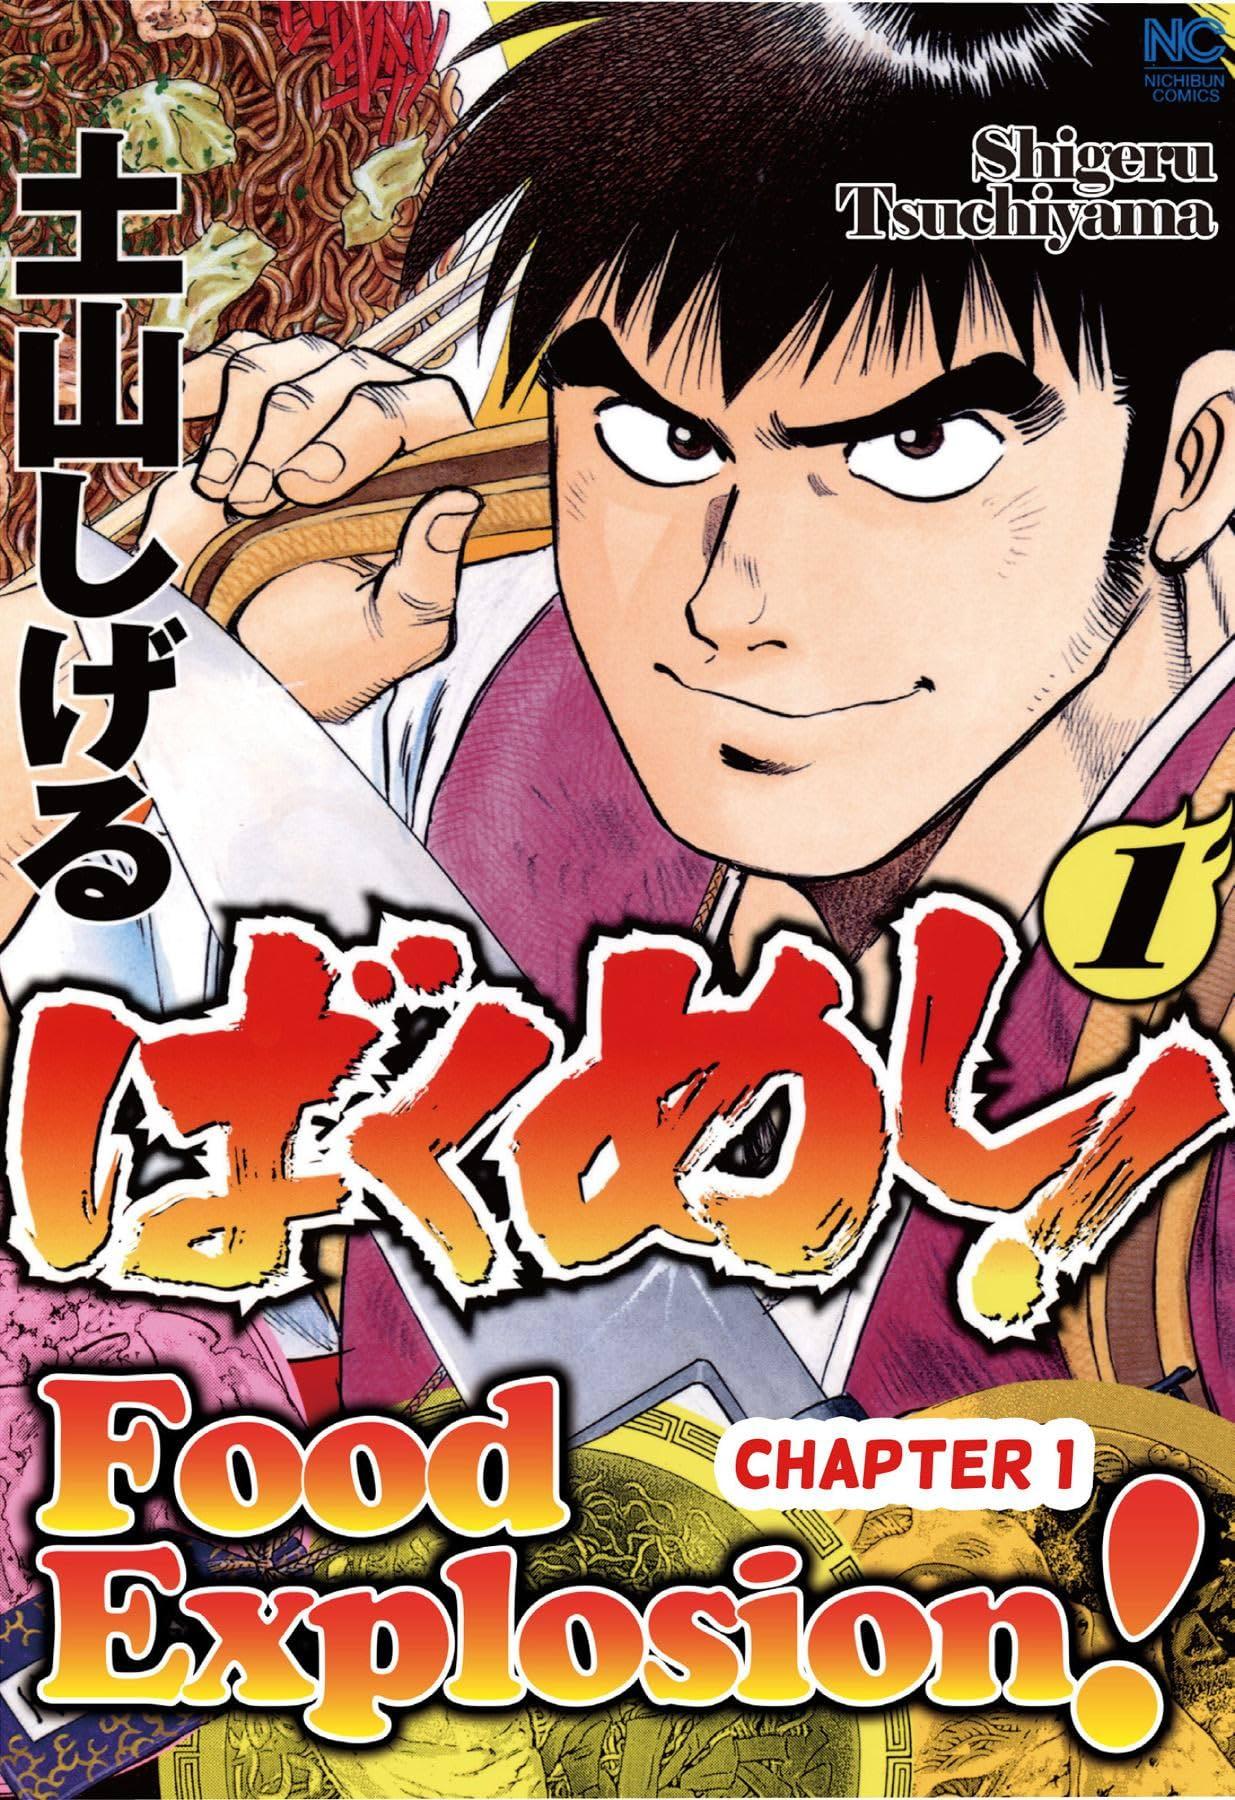 FOOD EXPLOSION #1